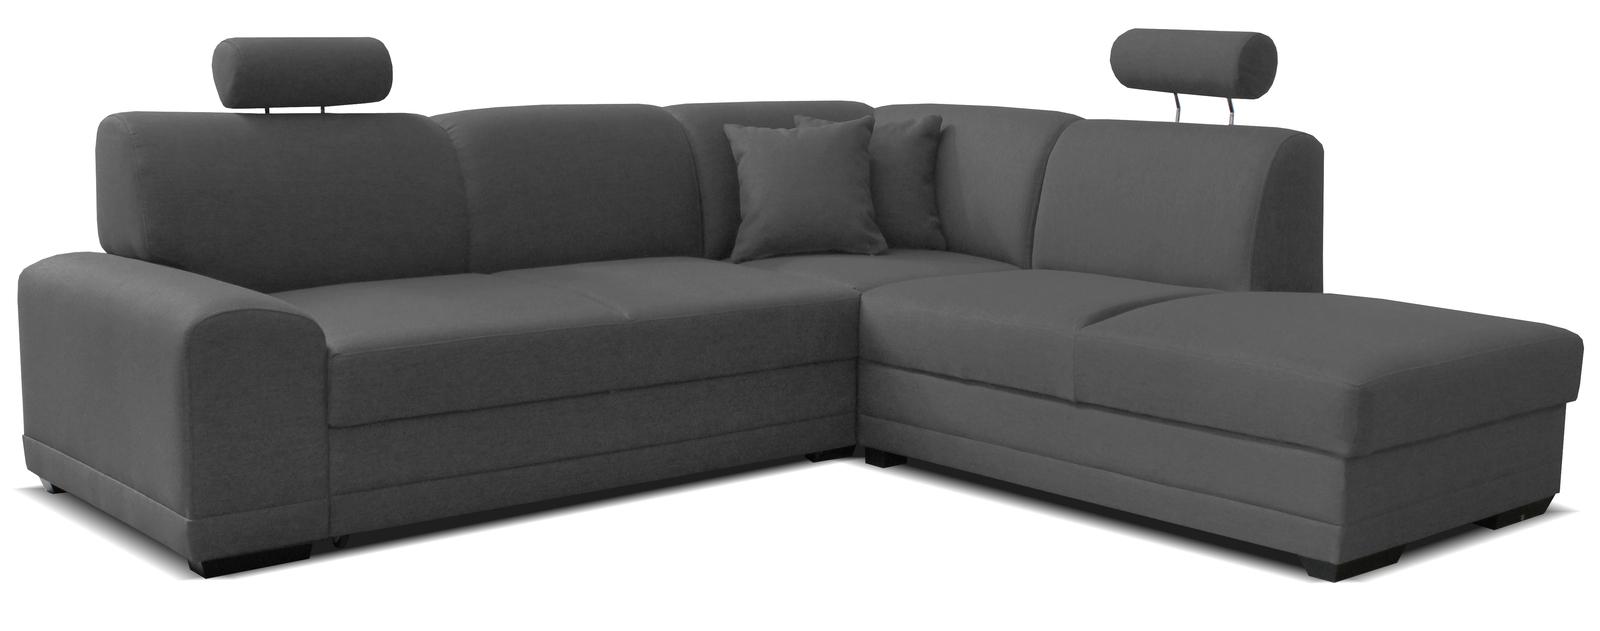 Rohová sedací souprava - Po-Sed - Laon II 2F+L (P) tmavošedá